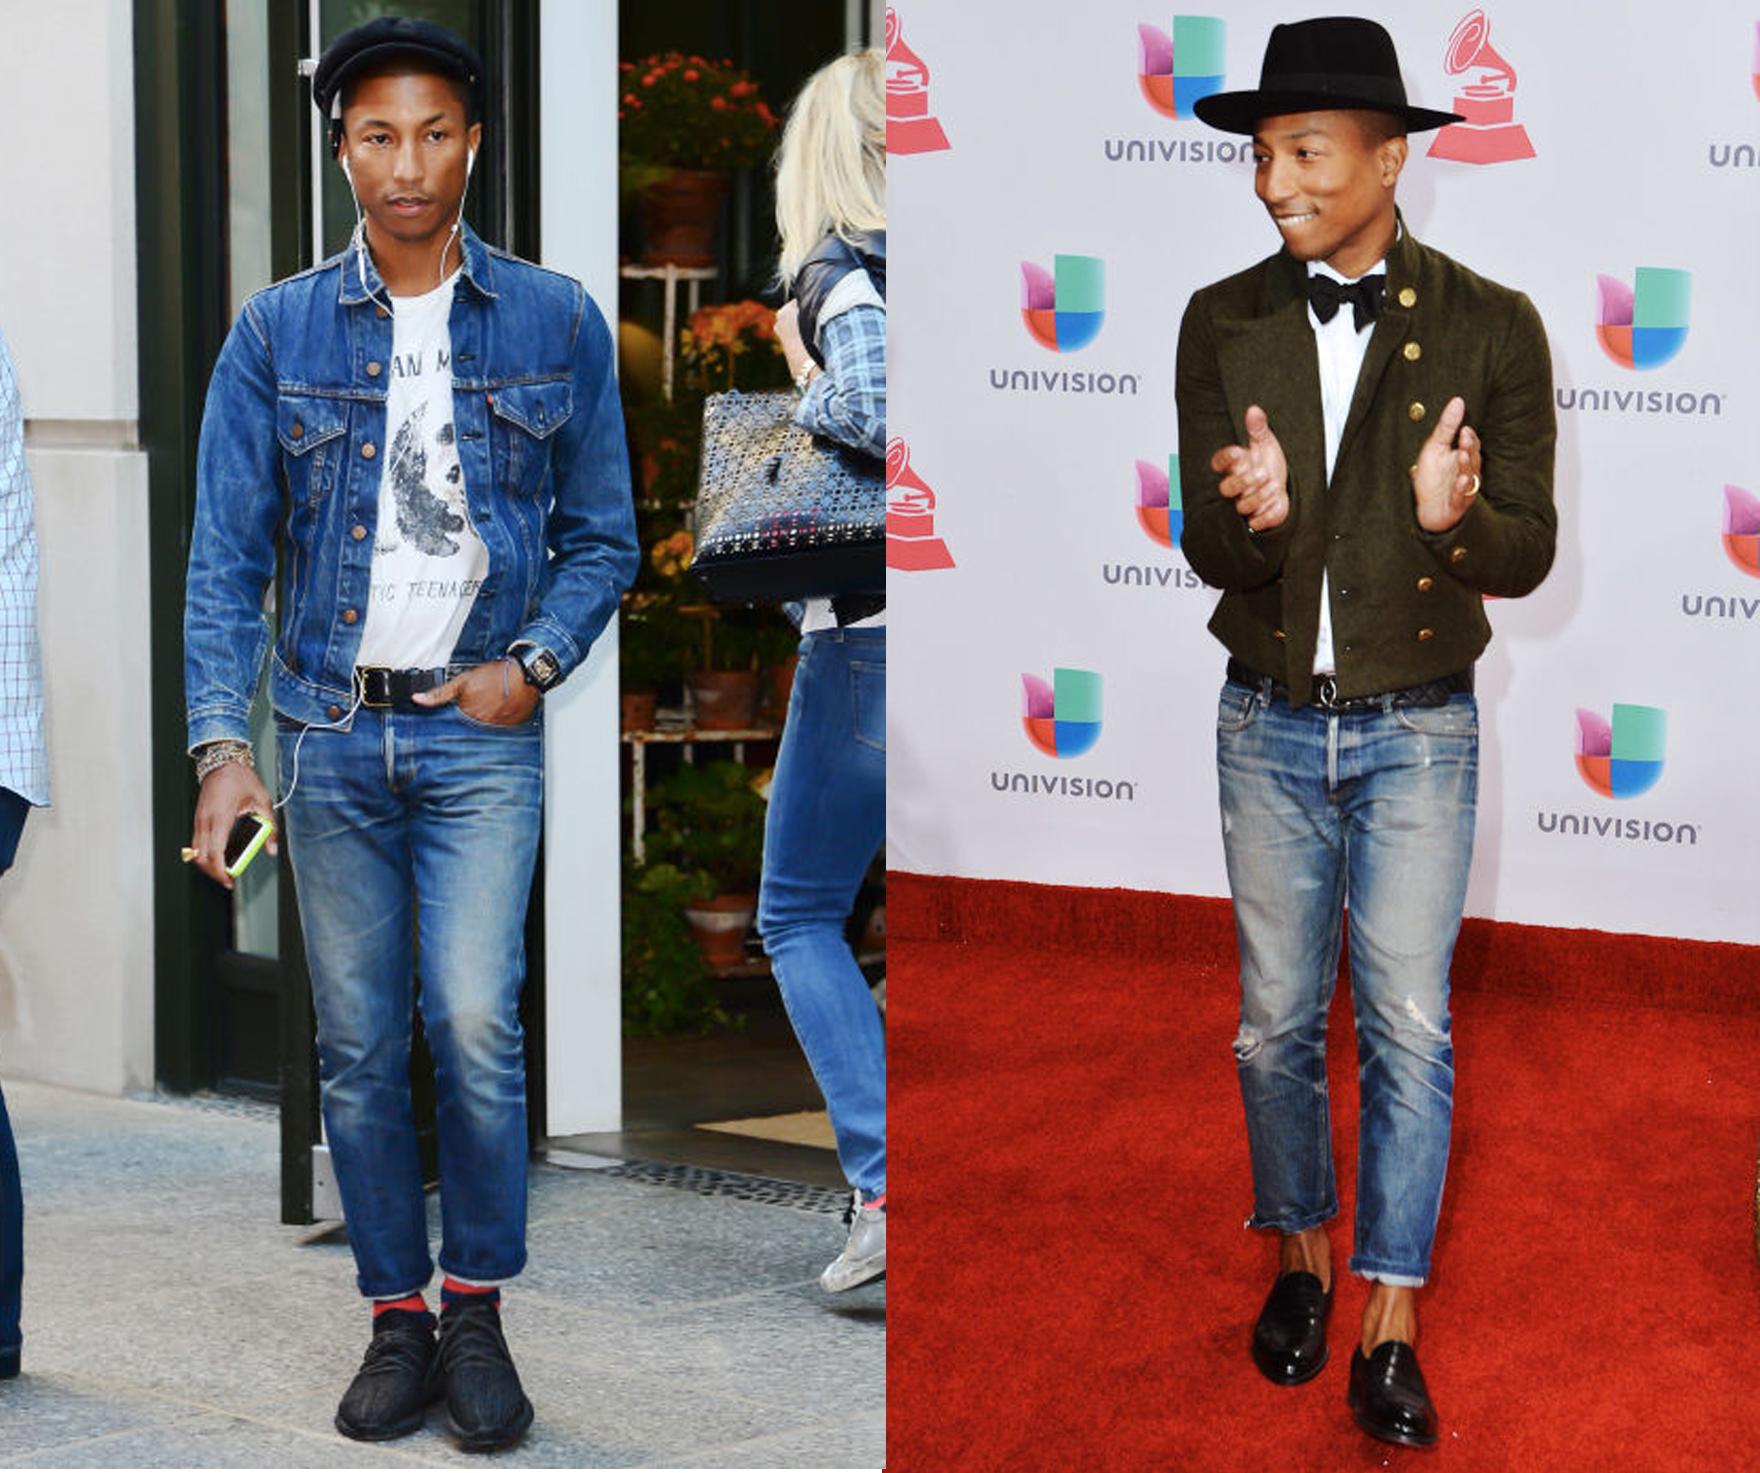 phong cach thoi trang nam - elle man - Pharrell Williams - cach phoi